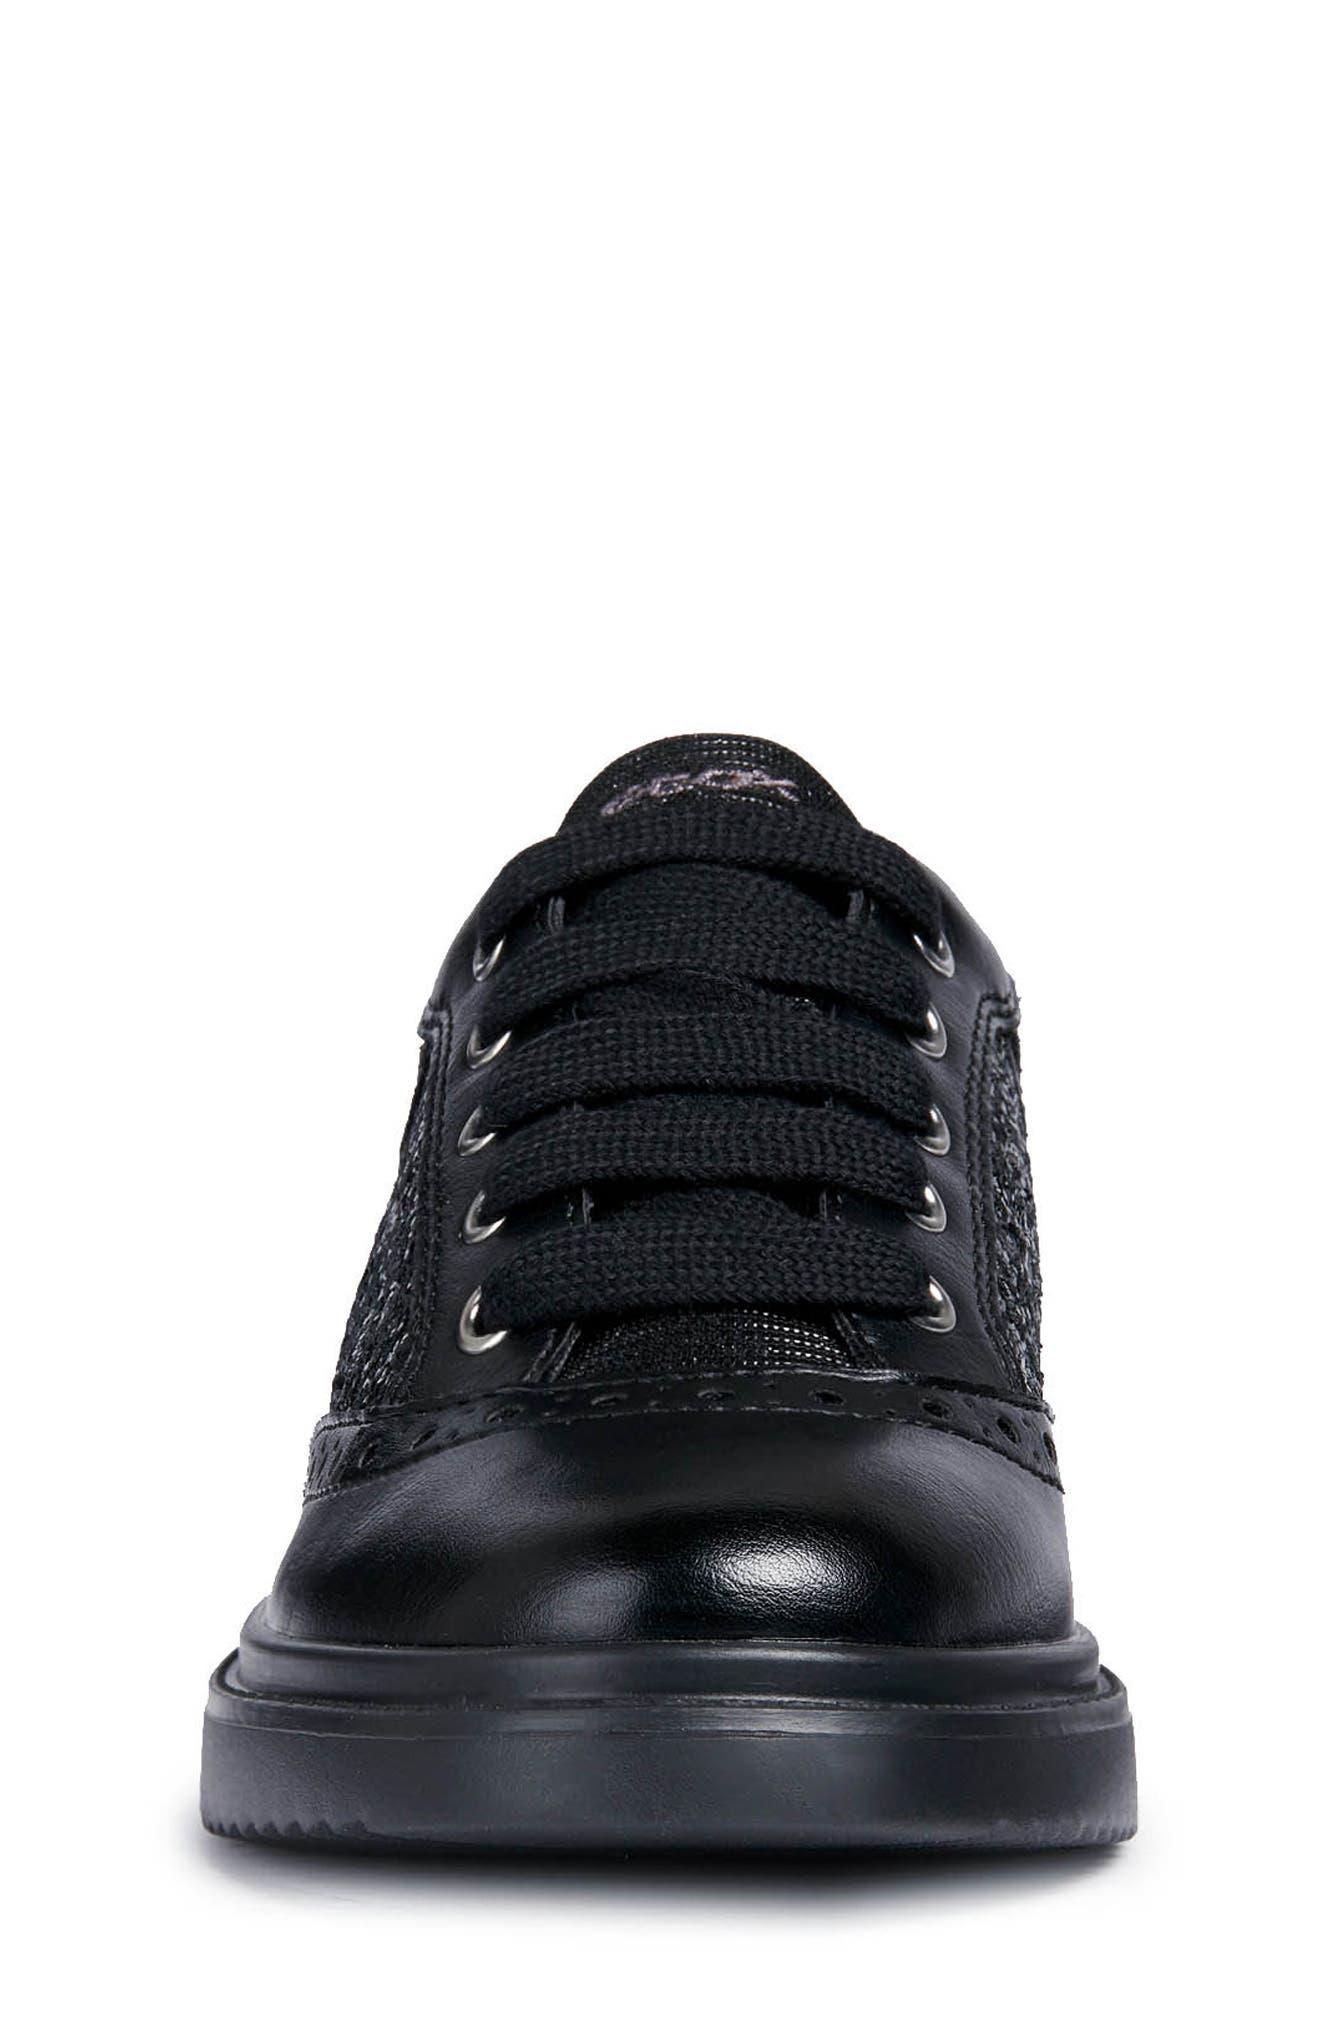 Thymar Sequin Sneaker,                             Alternate thumbnail 4, color,                             BLACK